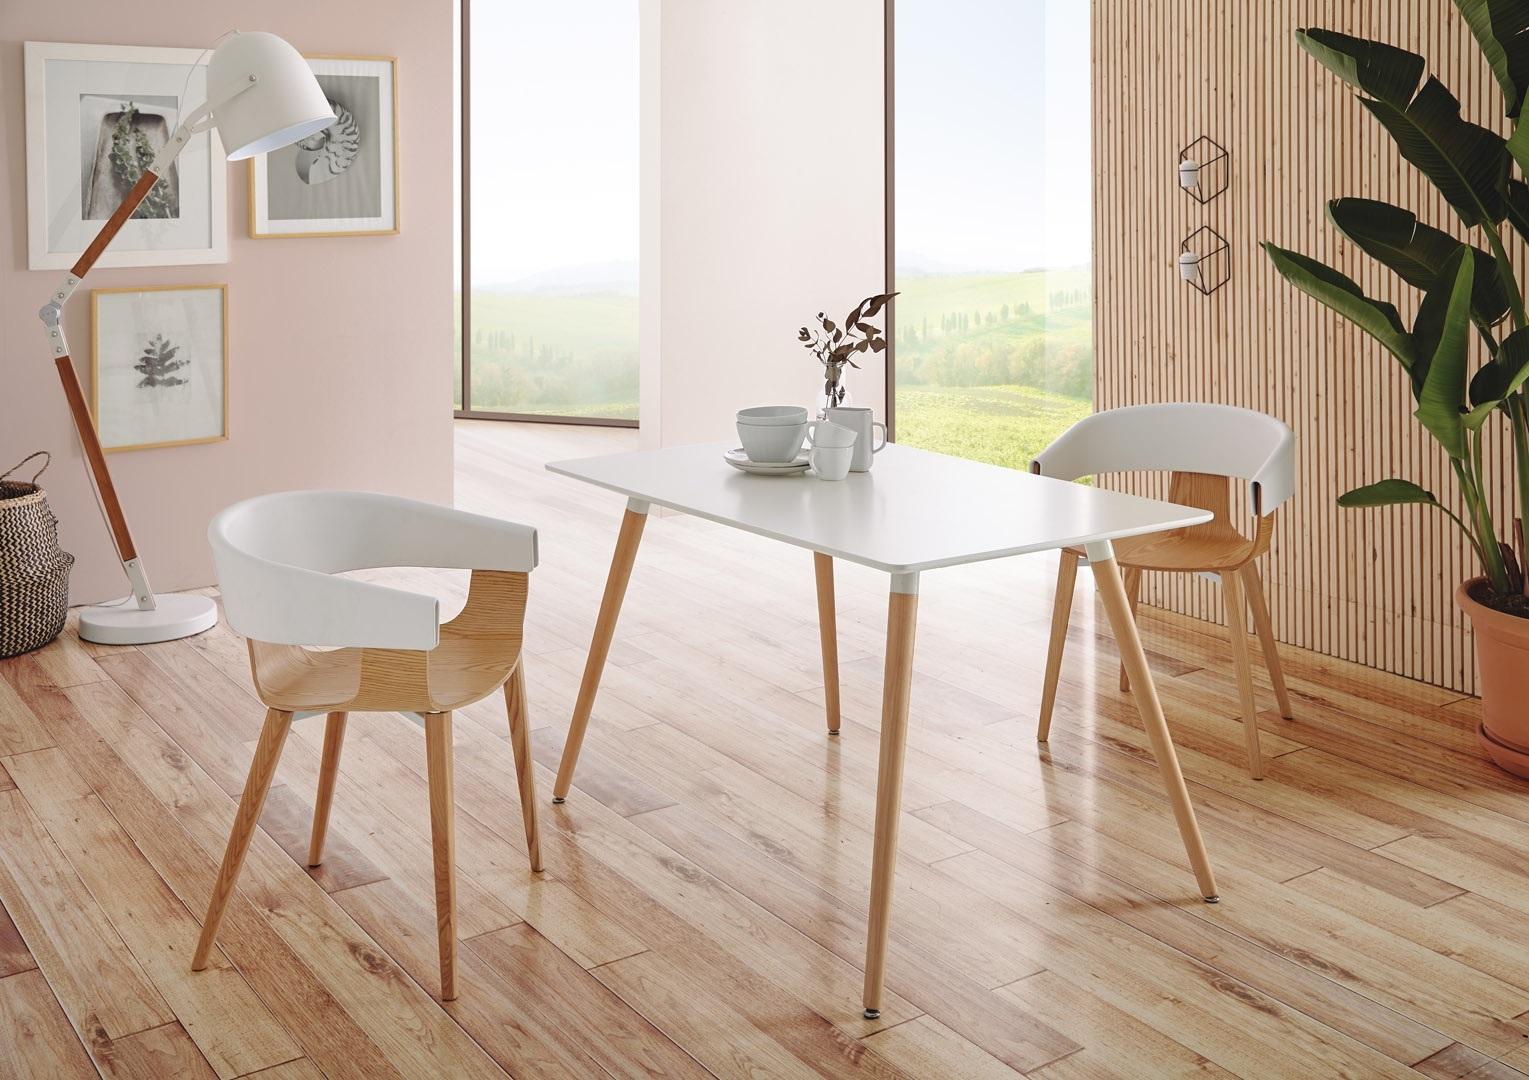 Обеденный стол DUPEN RT-903 Белый и стулья DUPEN PC-451